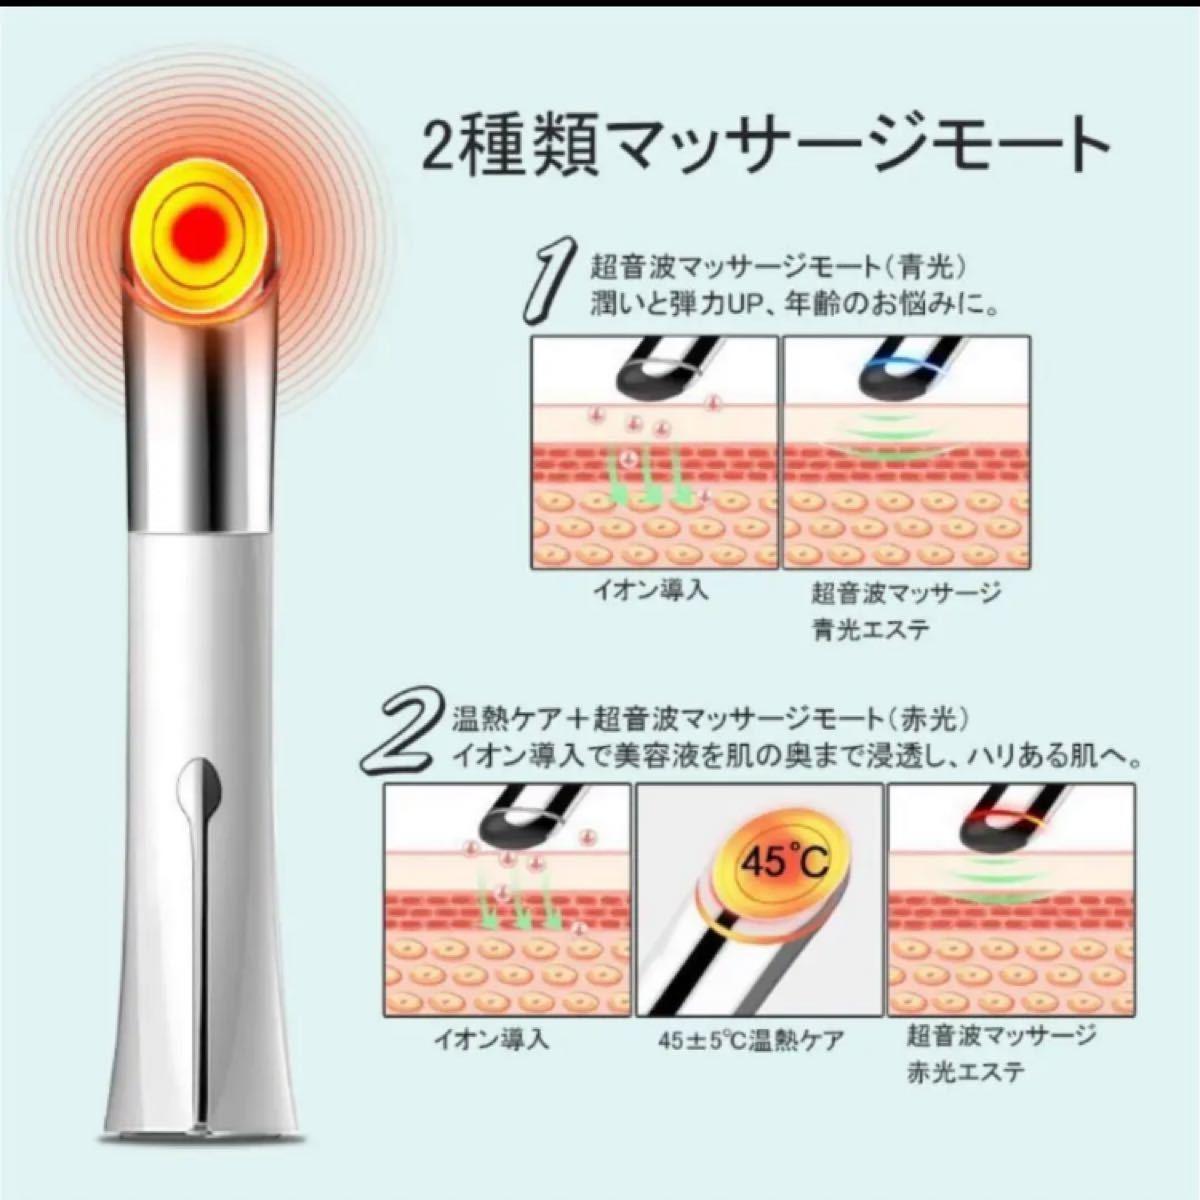 美顔器 イオン導入 温熱 フェイスマッサージ 目元ケア 超音波美顔器 ケア